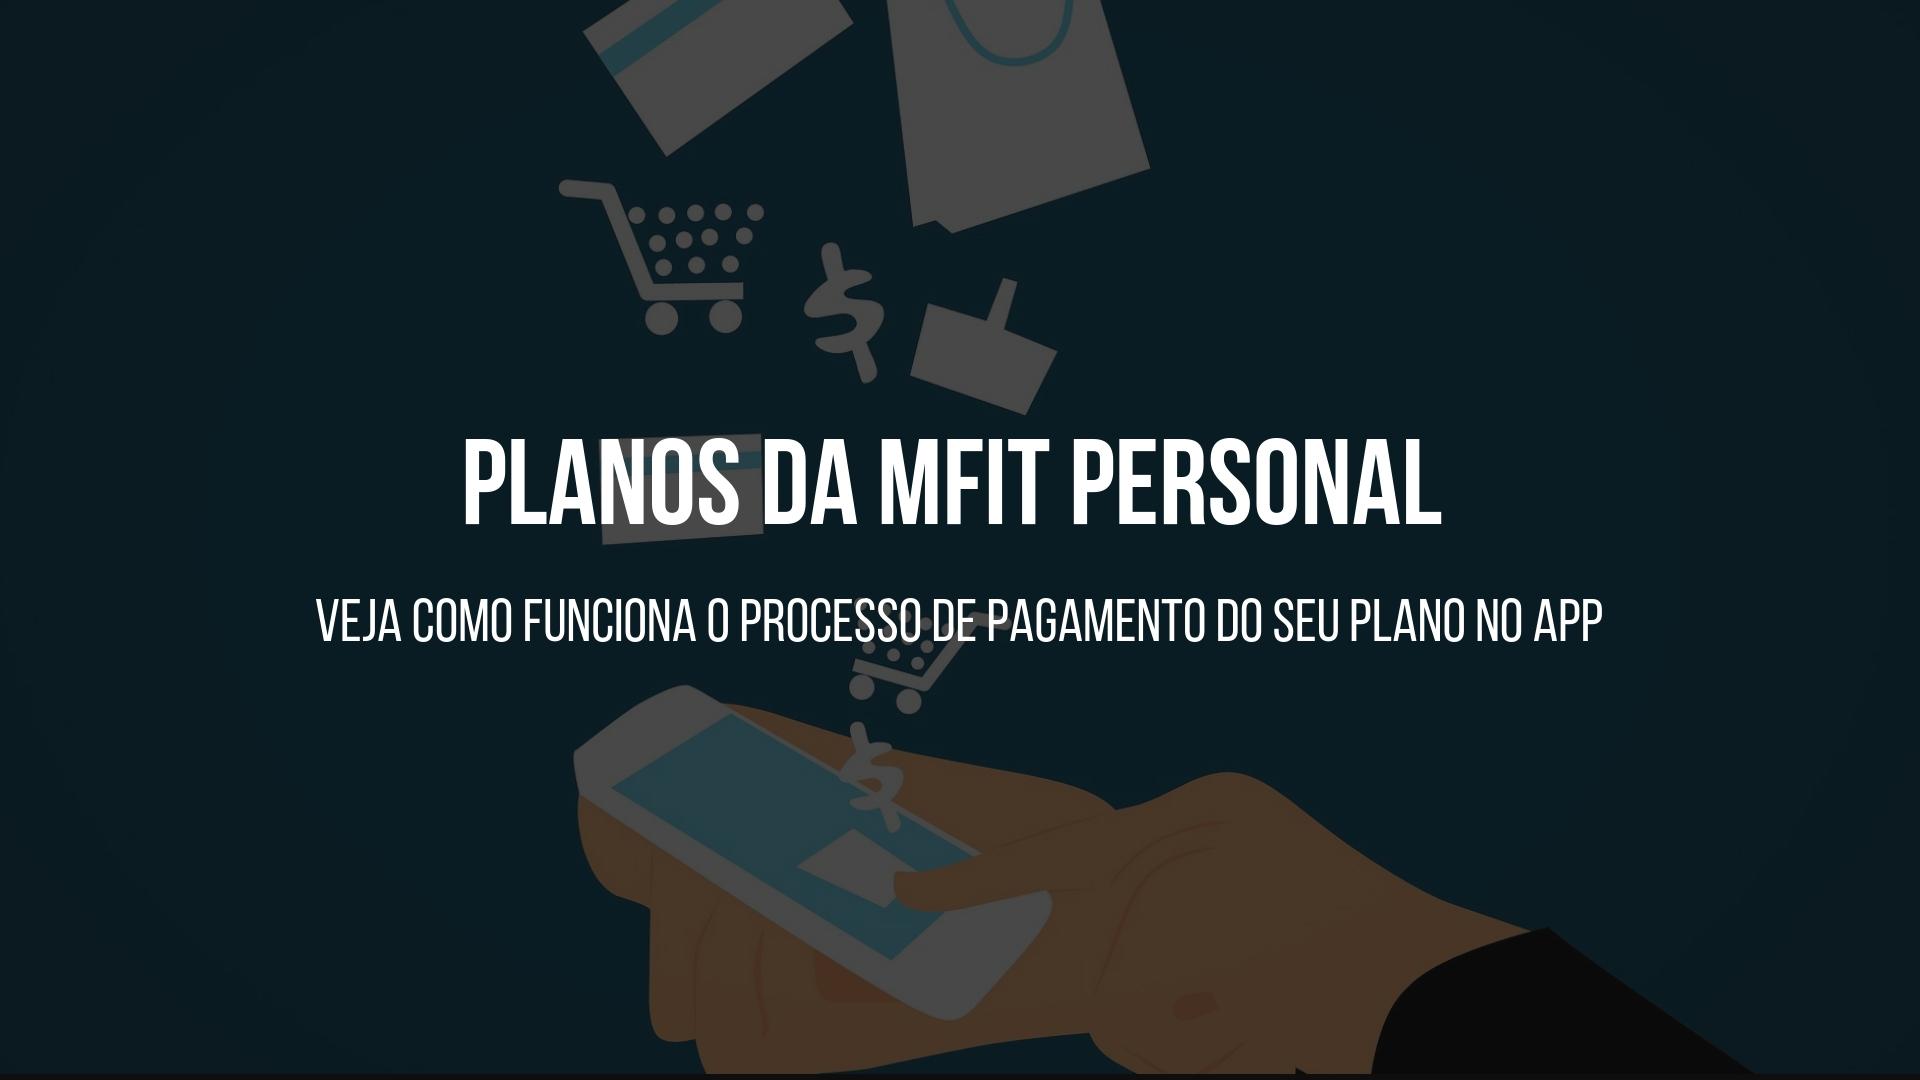 Planos da MFIT Personal